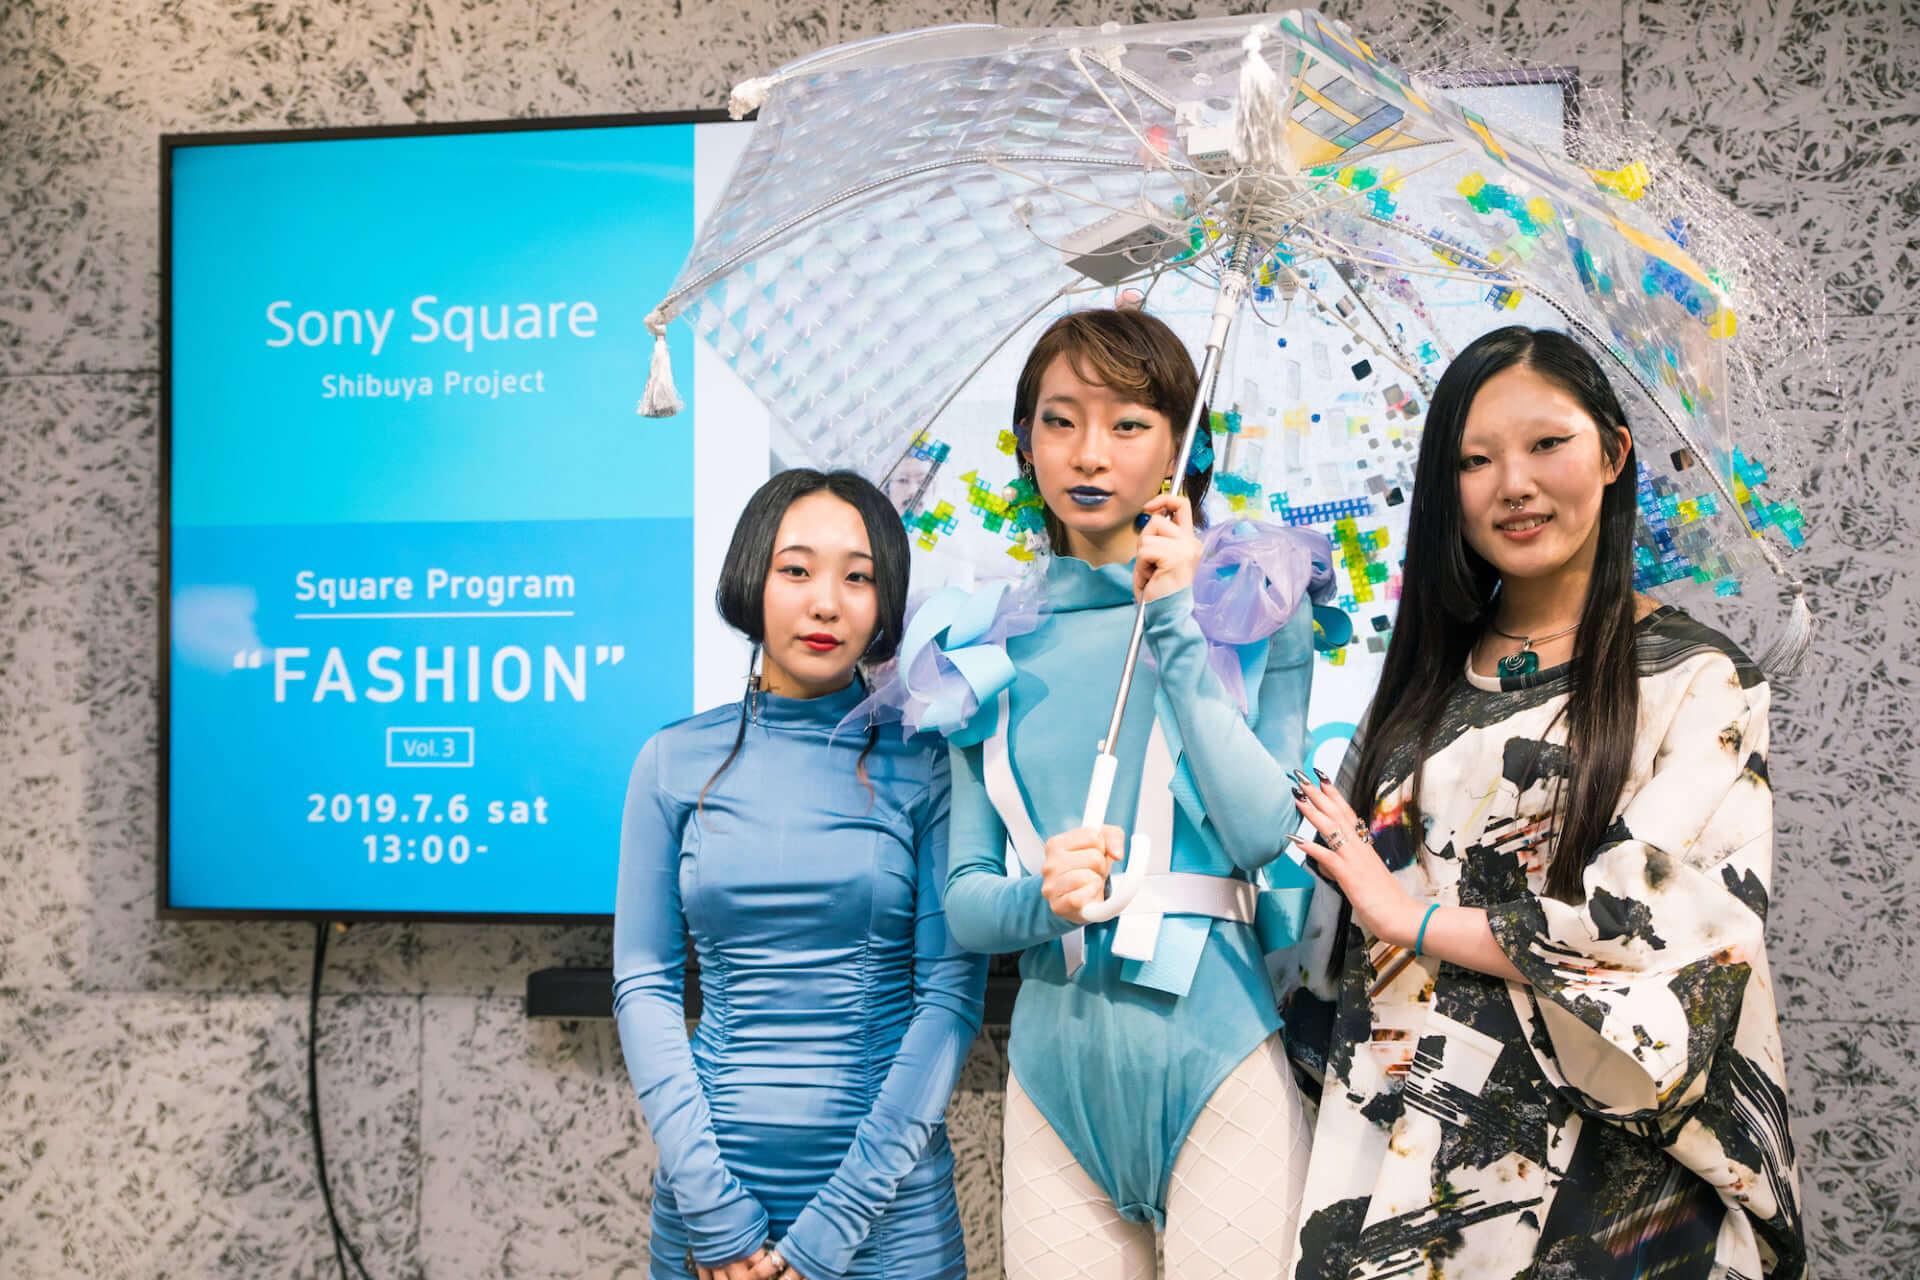 次世代クリエイターが挑戦する、ソニーのテクノロジーとファッションの可能性とは? 358A6067-1920x1280